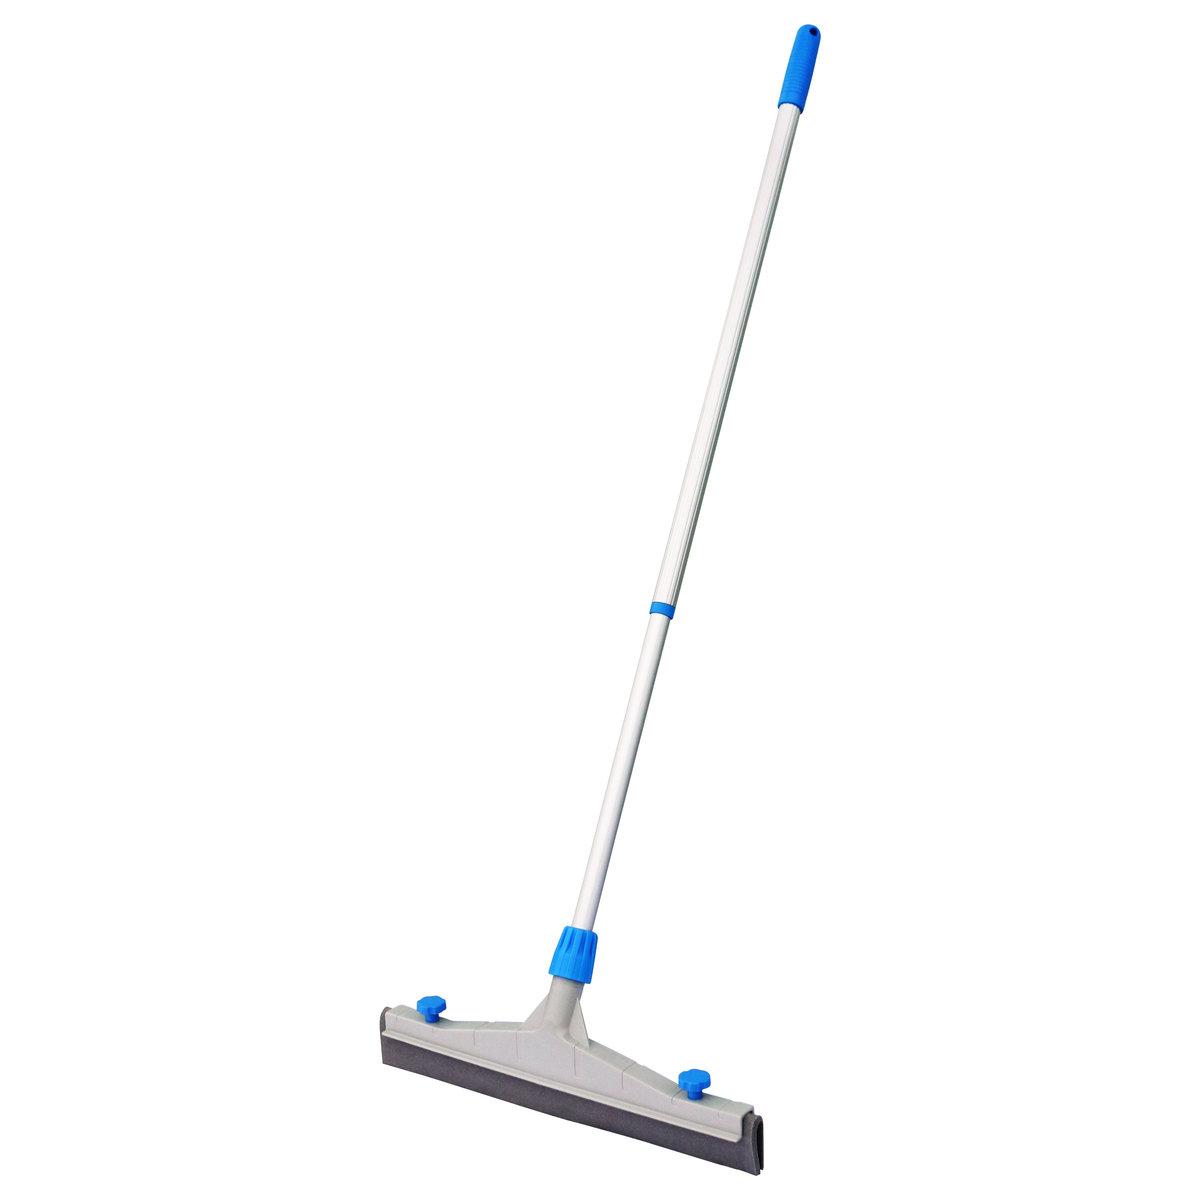 室外推水扒、刮水器-陽台、花園平台等,45cm扒頭+伸縮桿, 藍色